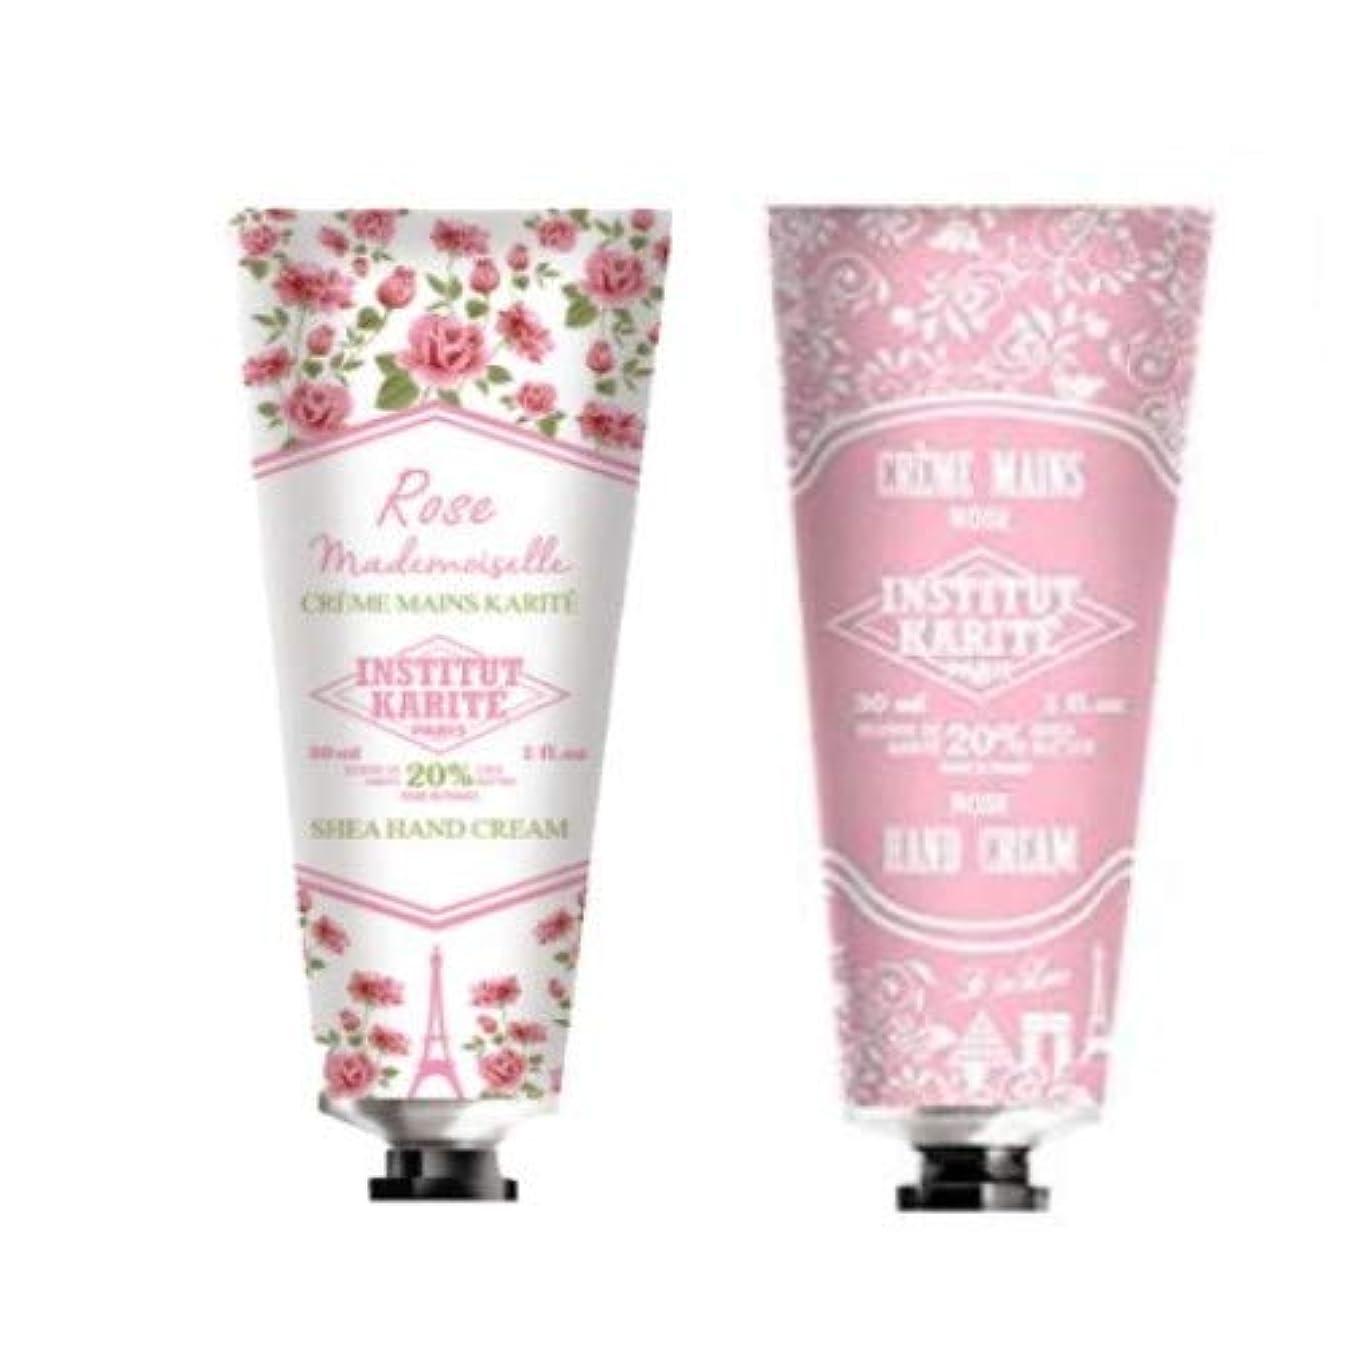 設置算術前提条件シアバター シアハンドクリーム INSTITUT KARITE カリテ Rose Mademoiselle ローズマドモアゼル ハンドクリーム 30ml&Rose ローズハンドクリーム 30ml セット